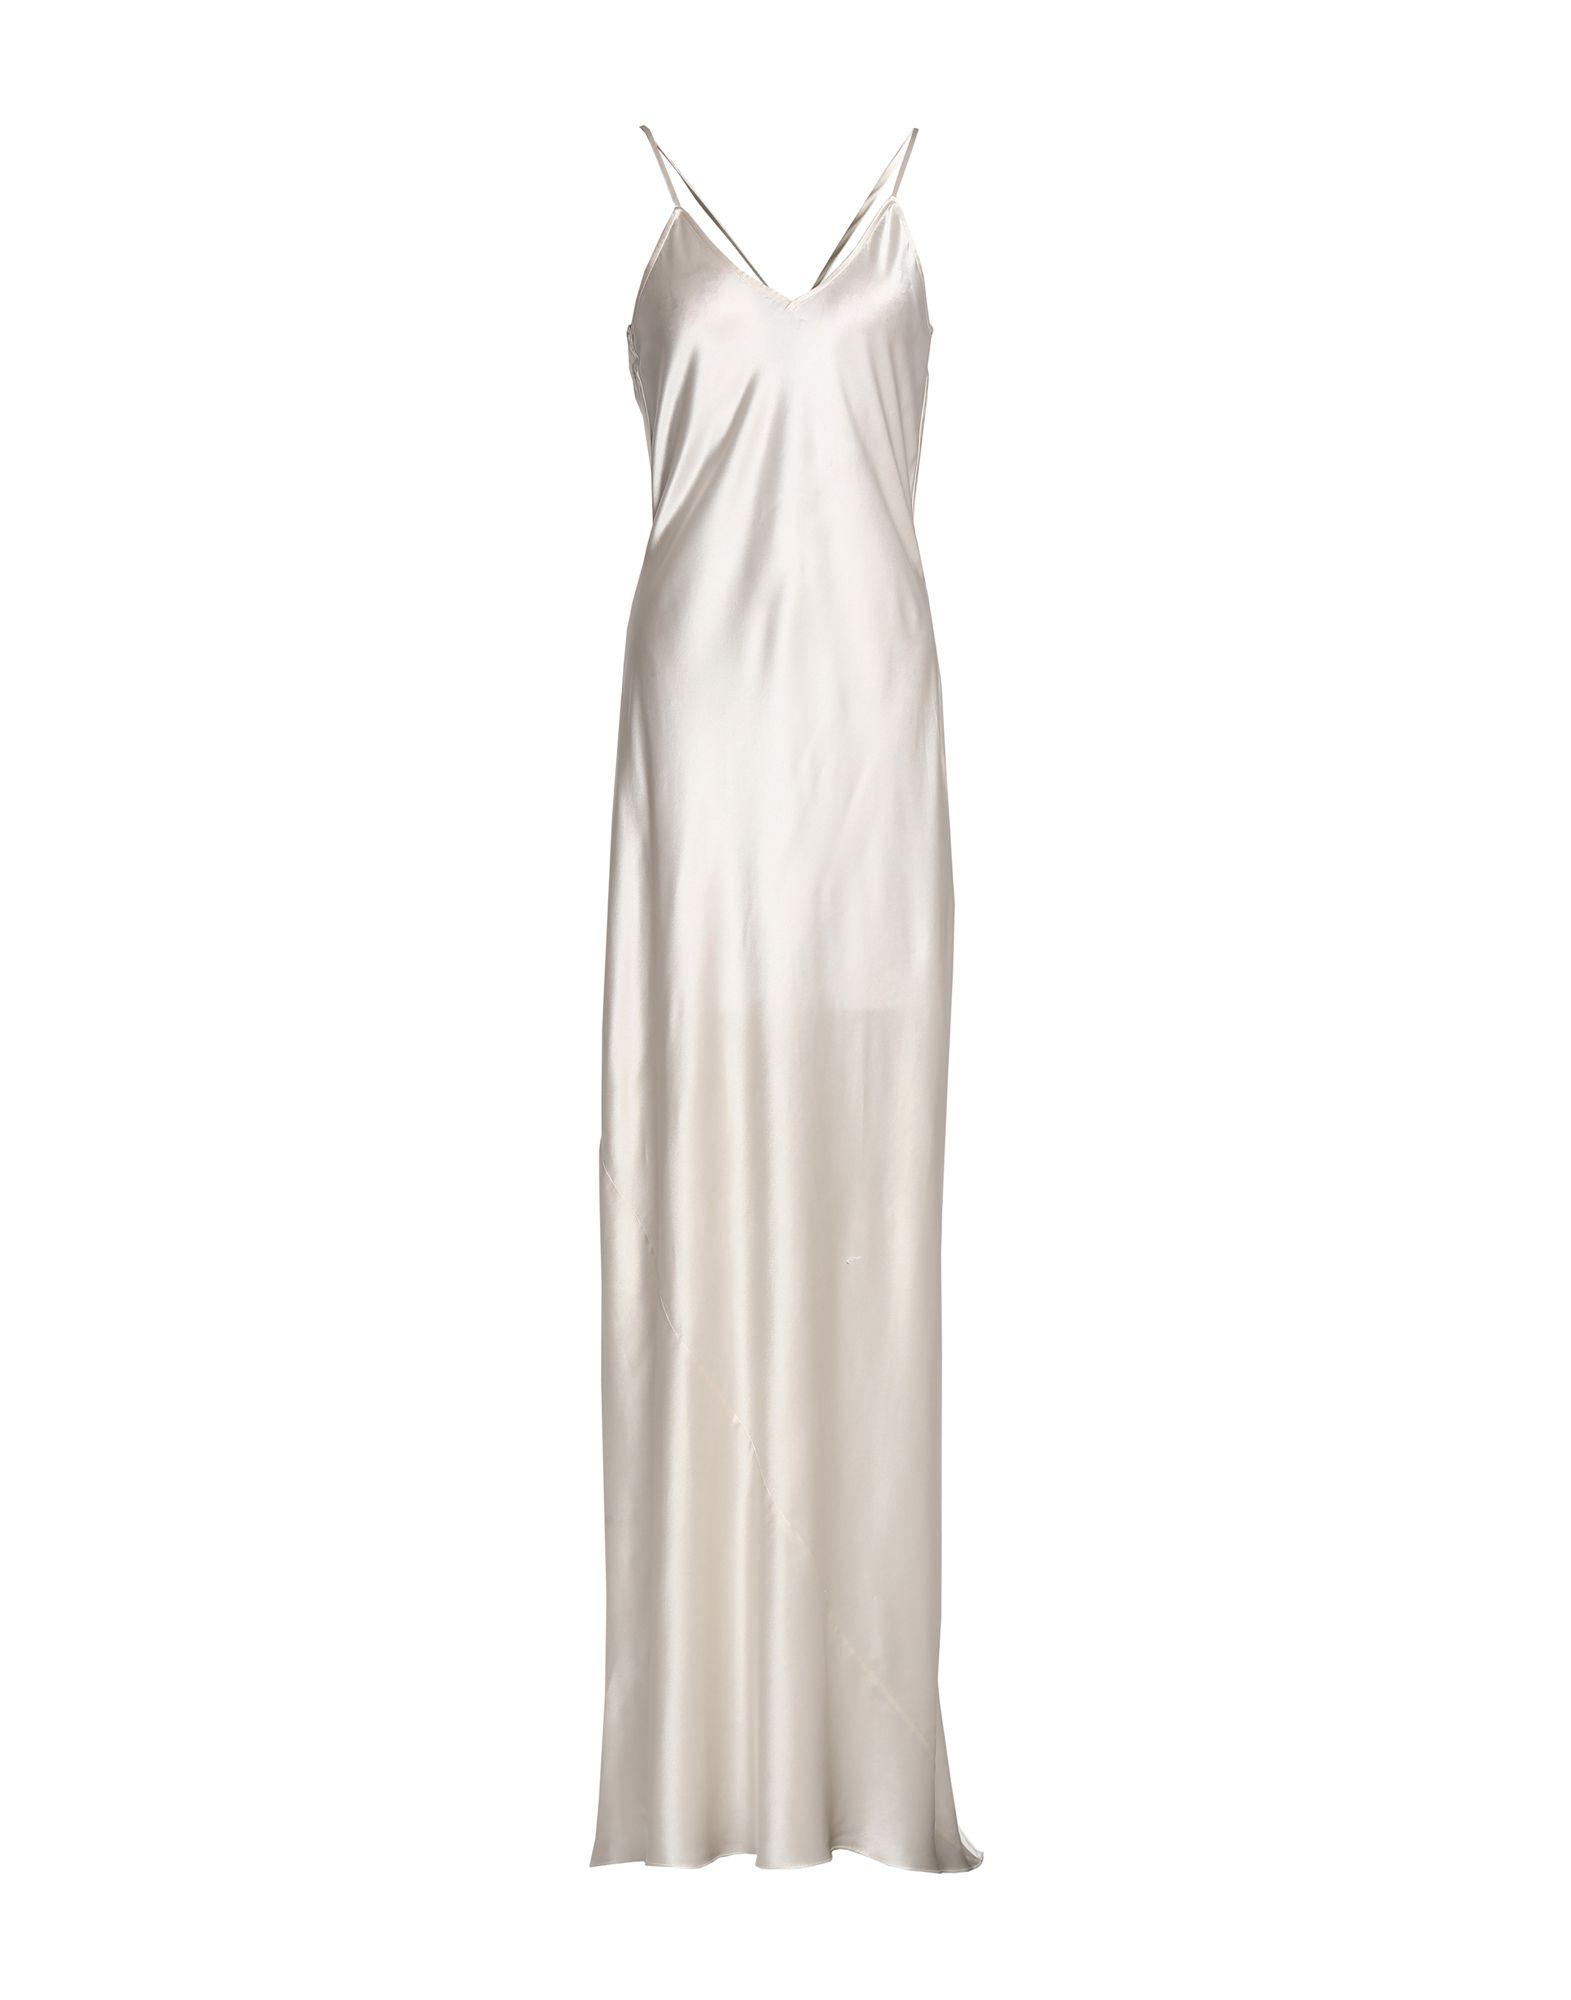 Фото - OLIVIA VON HALLE Длинное платье olivia von halle легкое пальто